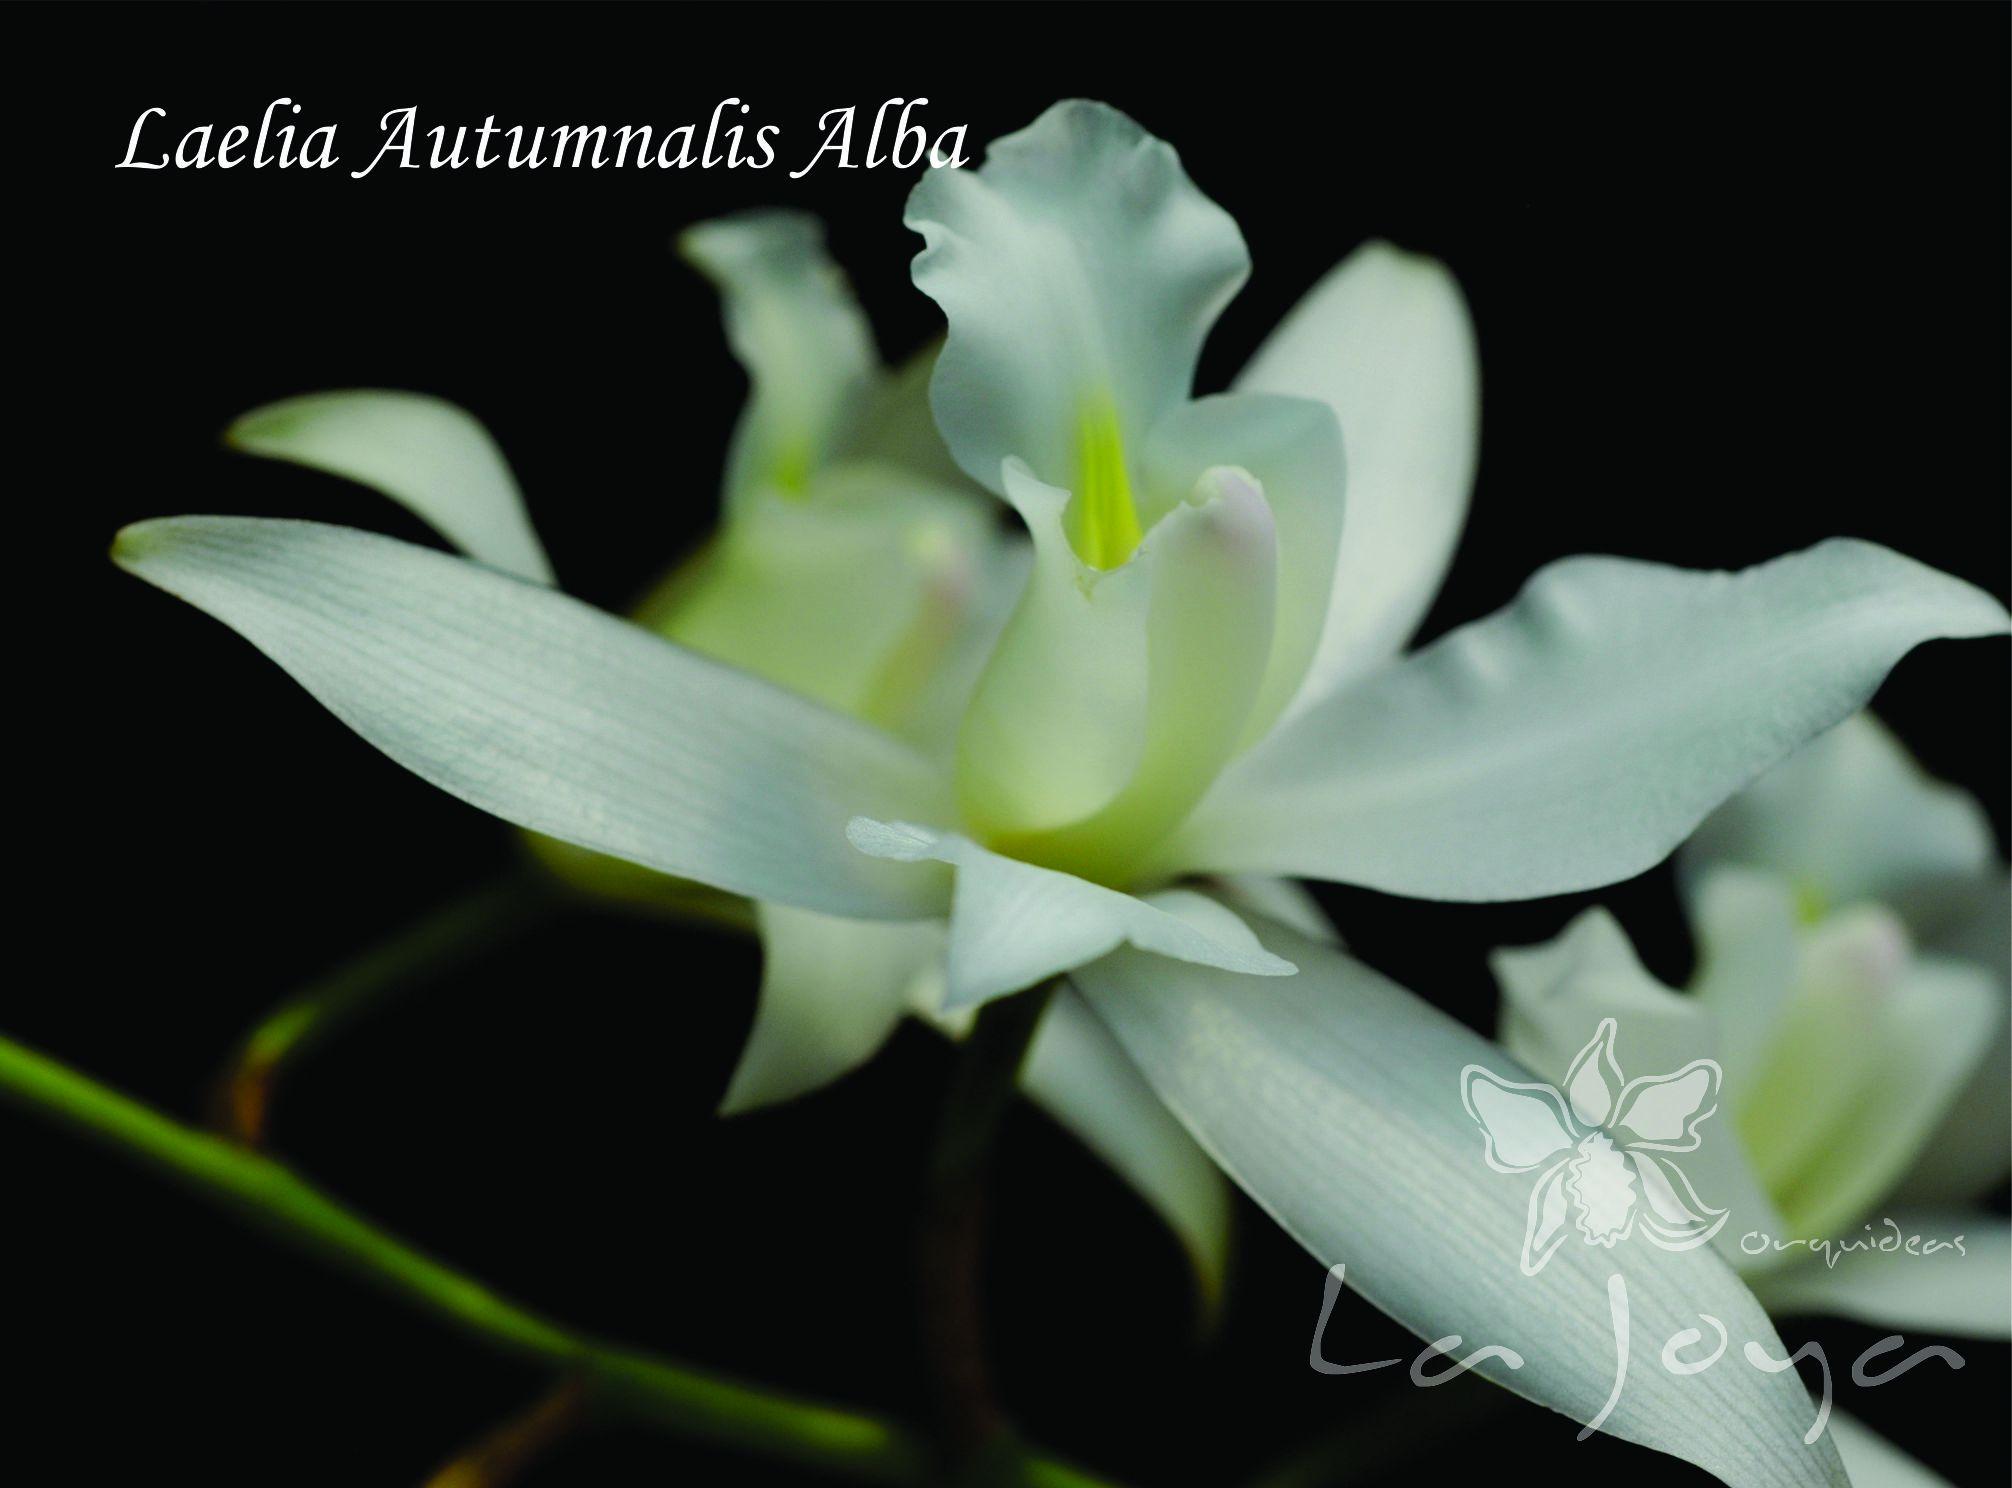 Laelia Autumnalis Alba